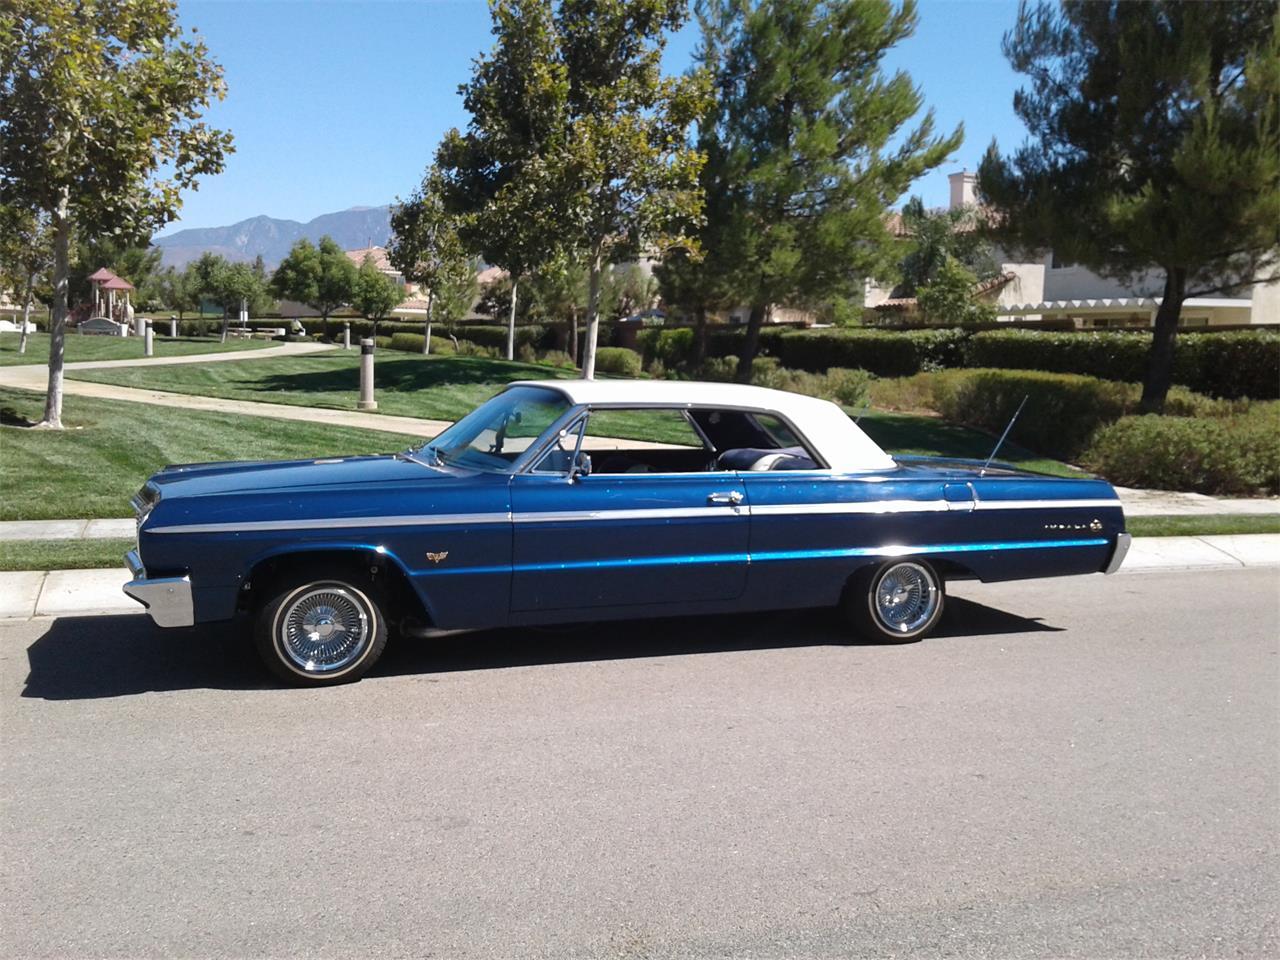 1964 Chevrolet Impala Ss >> 1964 Chevrolet Impala Ss For Sale Classiccars Com Cc 902931